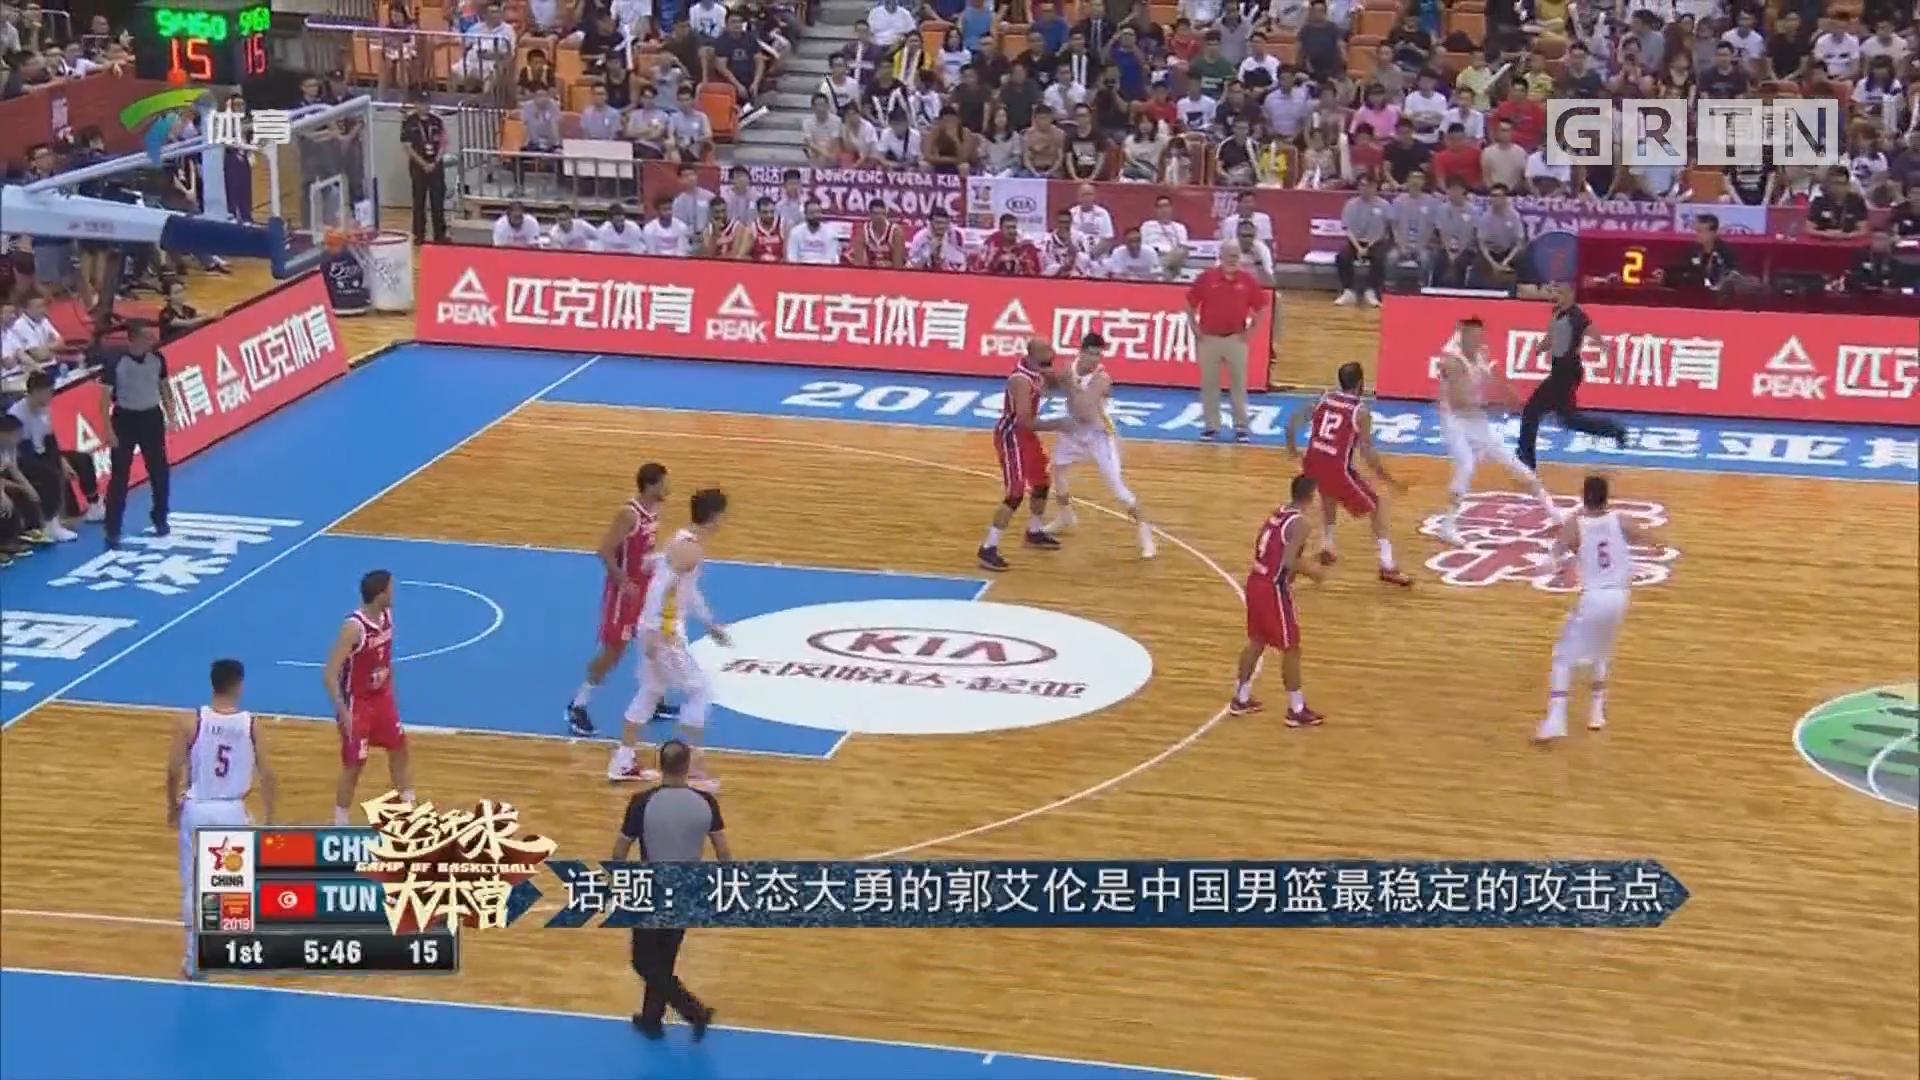 话题:状态大勇的郭艾伦是中国男篮最稳定的攻击点